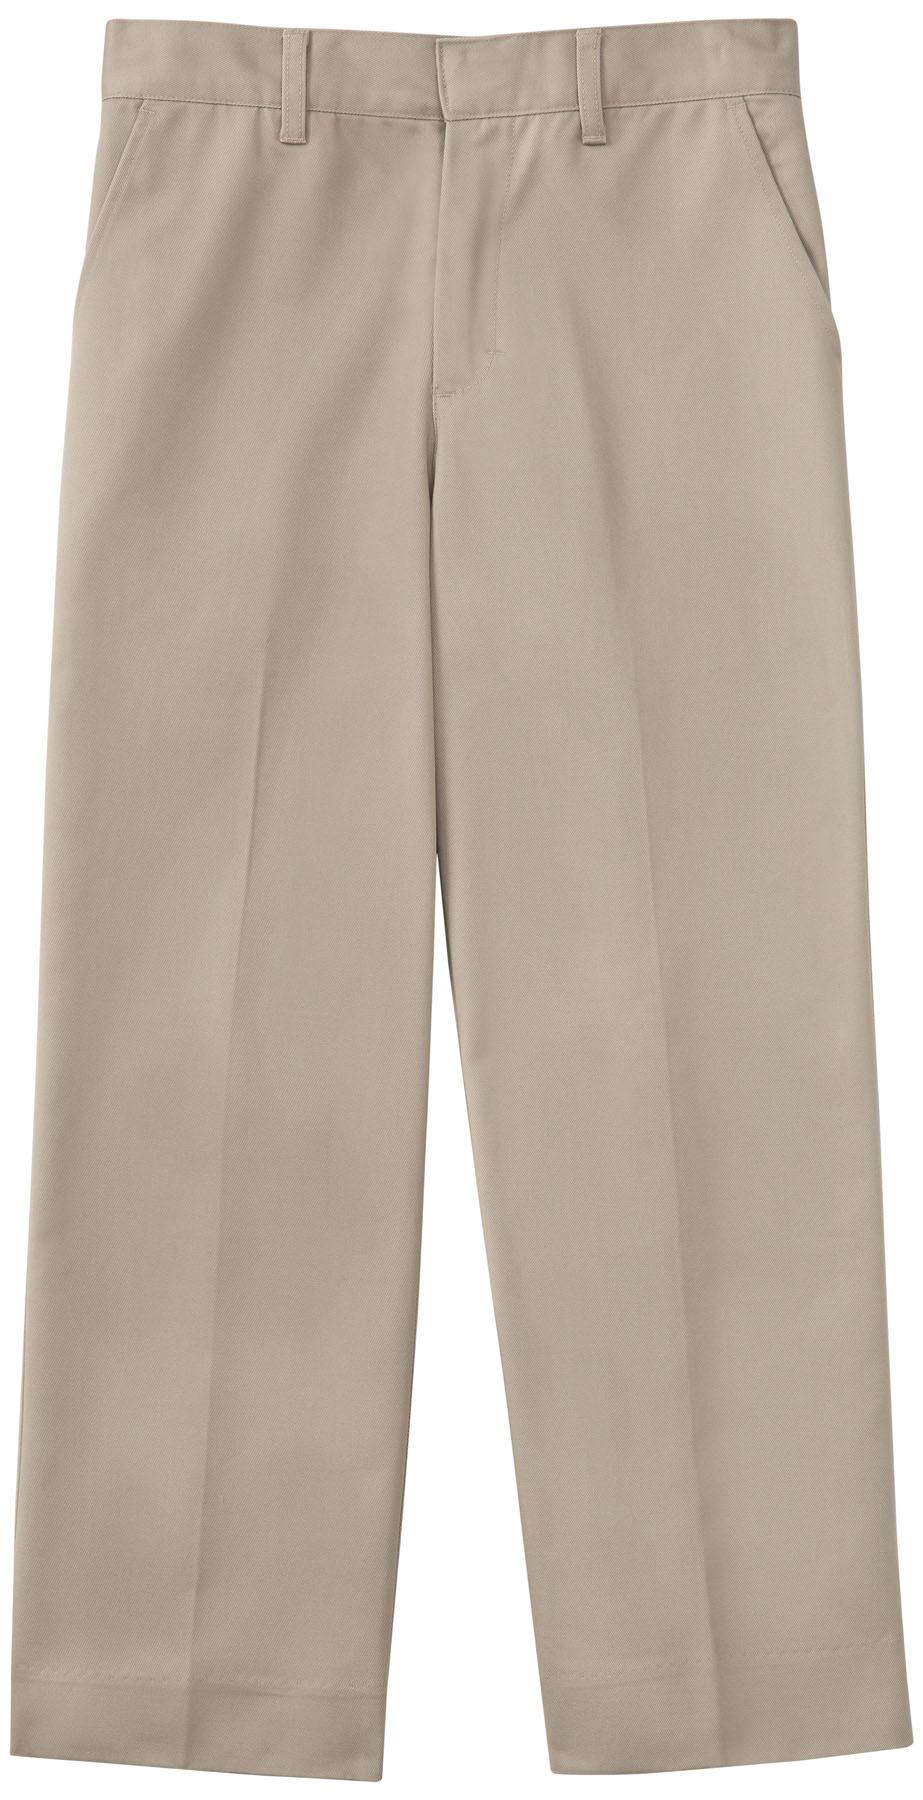 NEW MEN KHAKI DRESS SCHOOL PANTS FLAT FRONT SLACKS  Sizes 30-4 Sizes 30-42